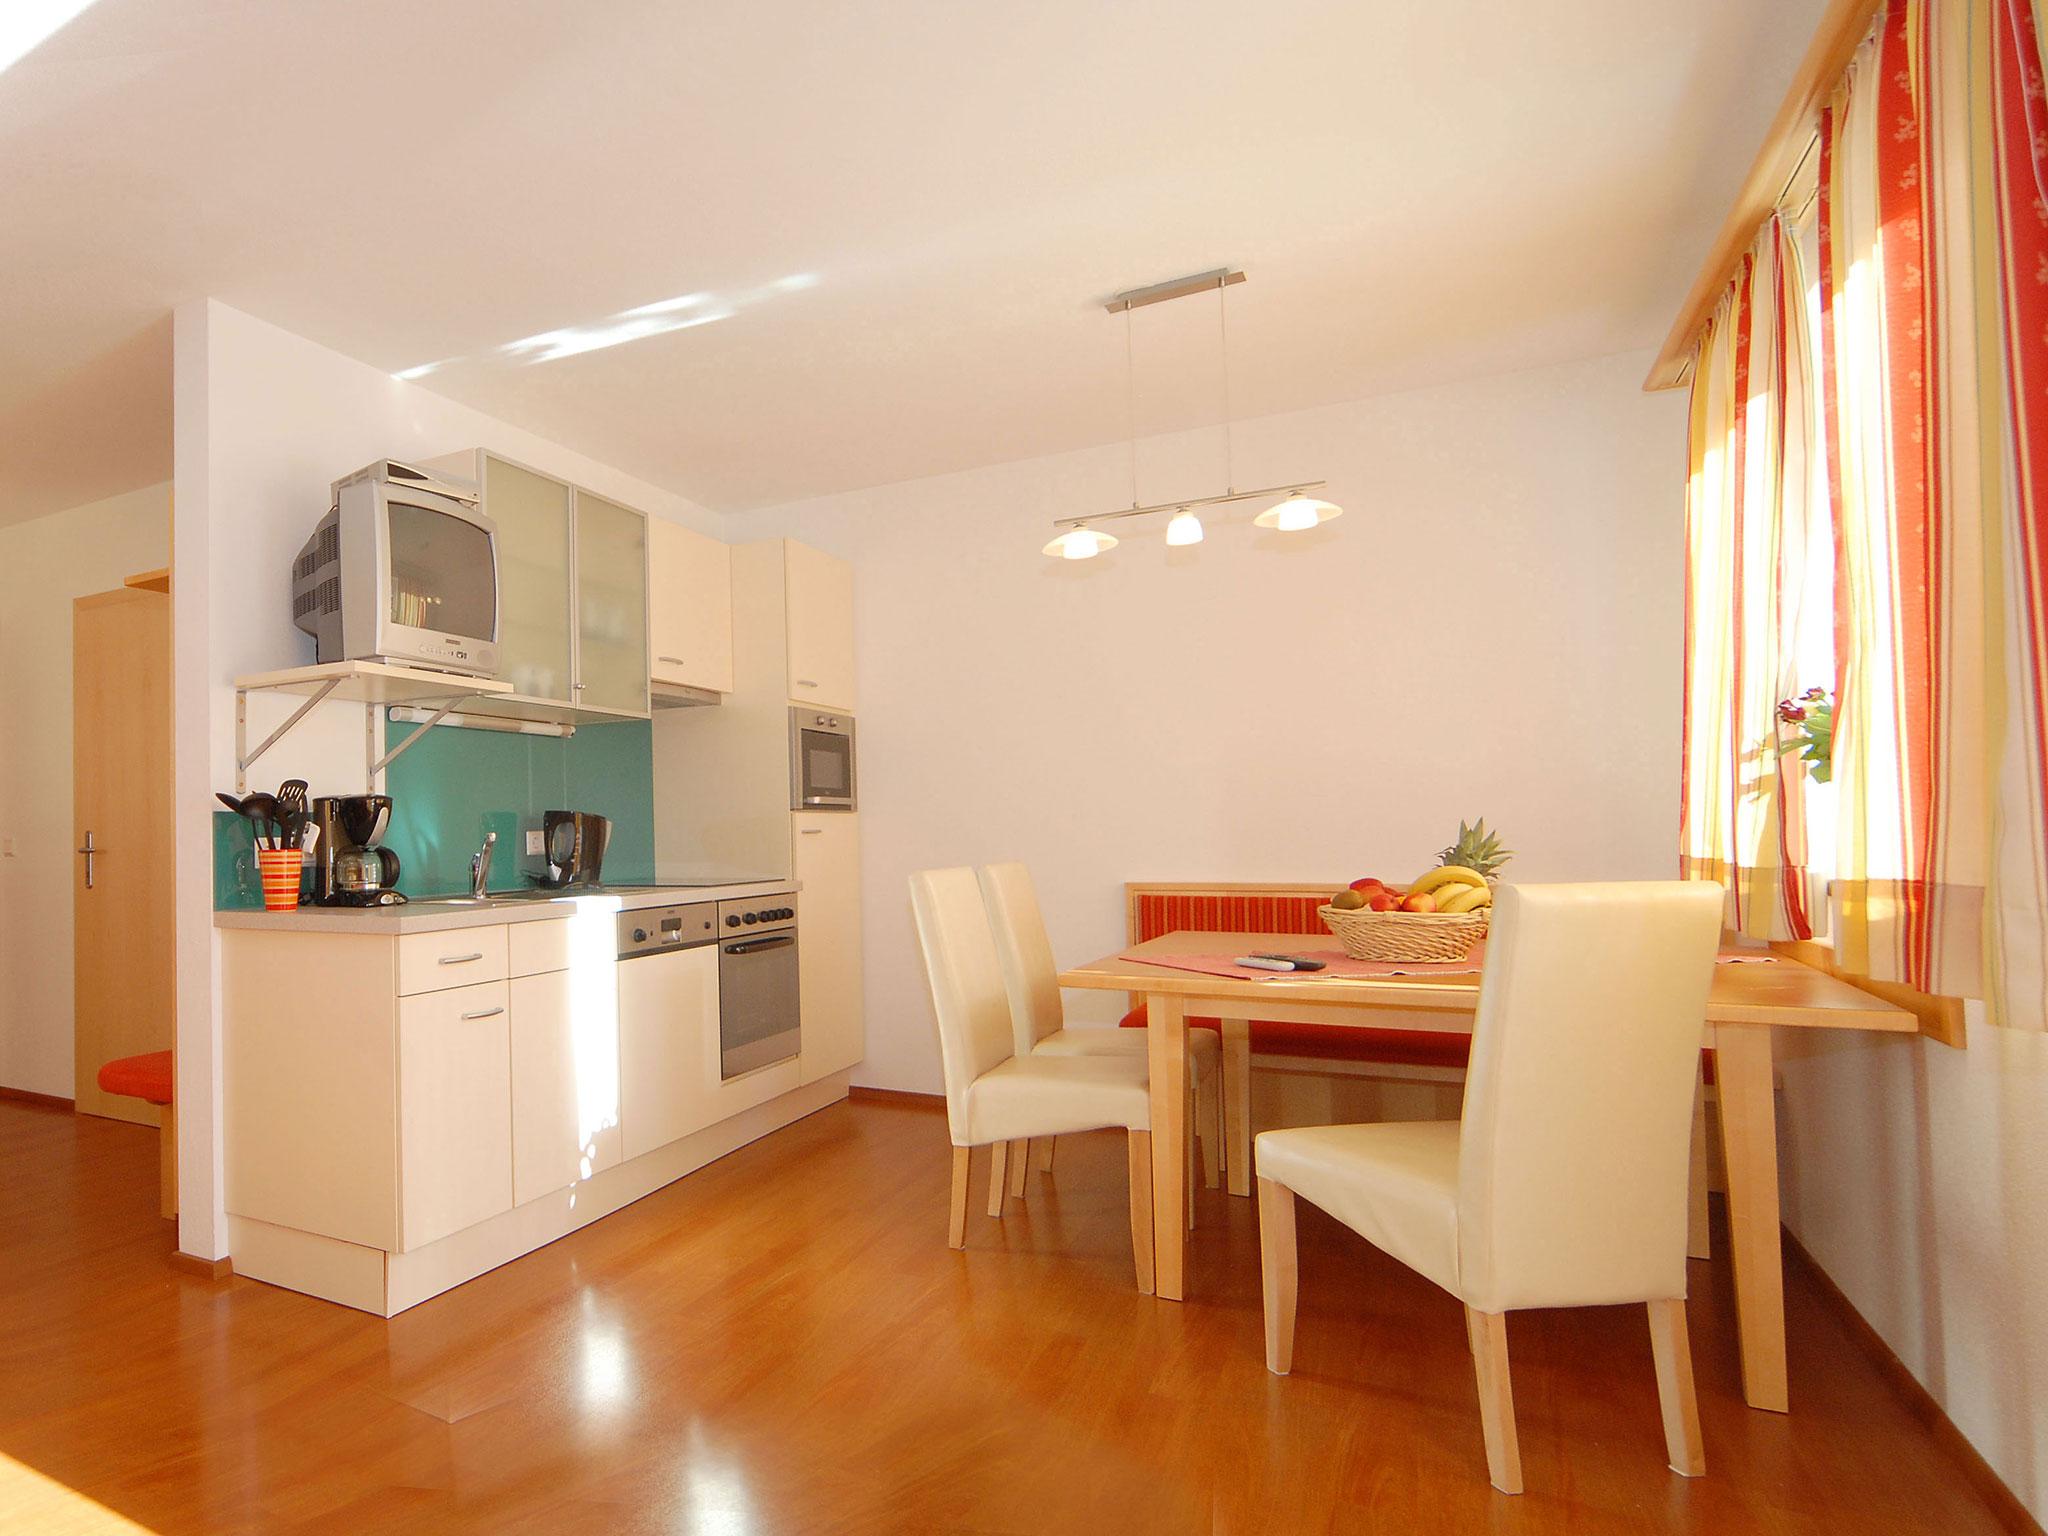 Wohnbereich und Küche im Erdgeschoß-Apartment